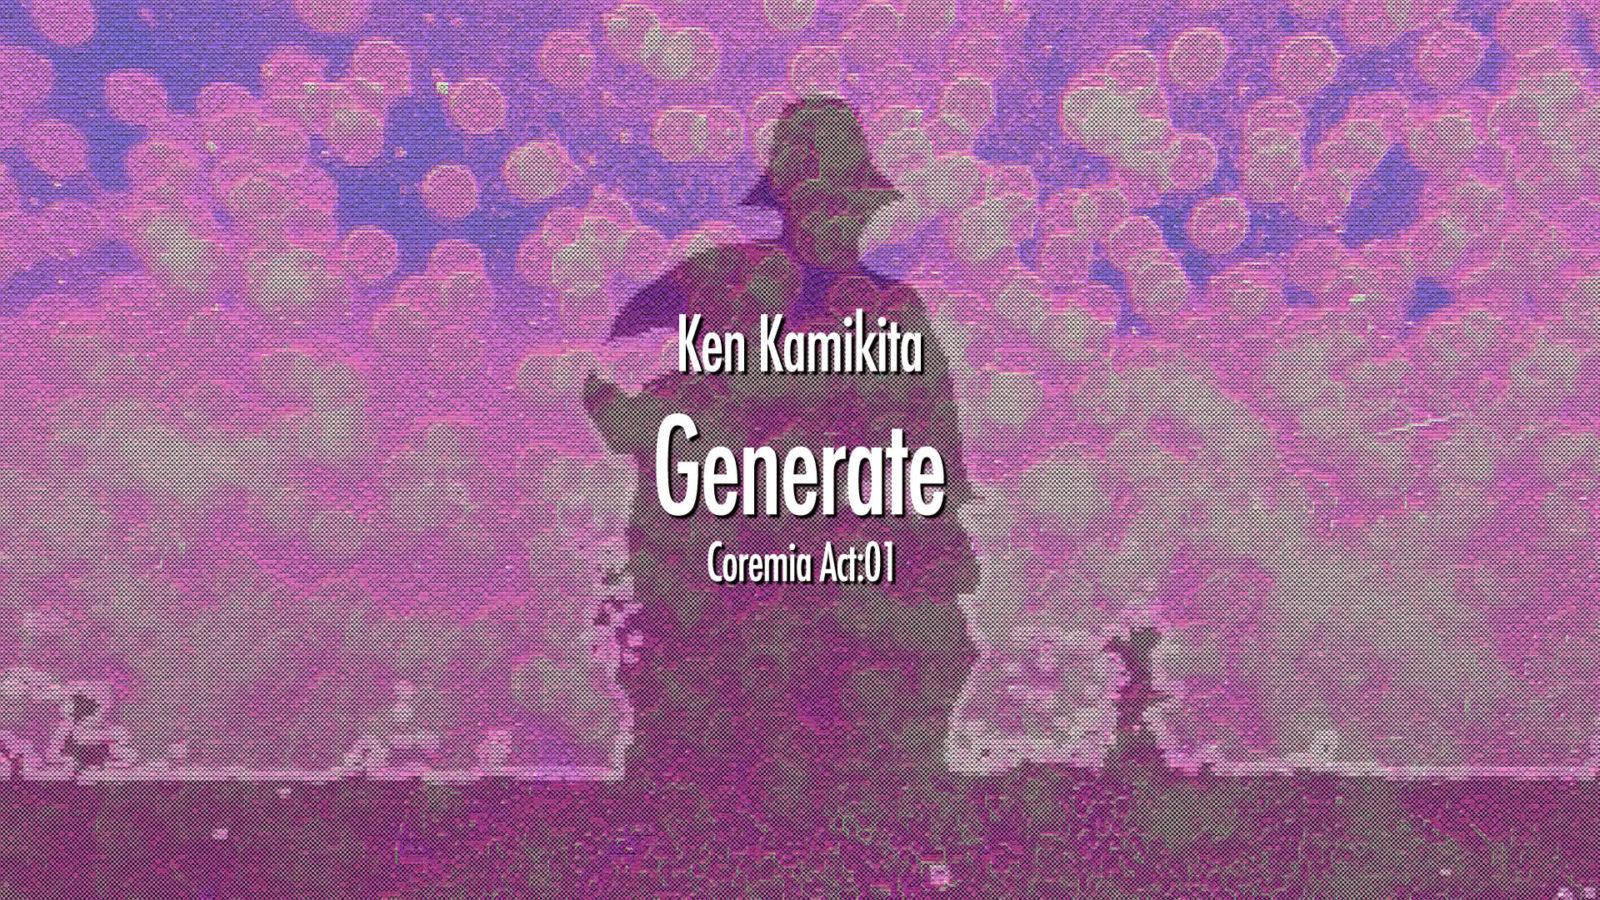 上北健 2019始動。東京、ソウルにて春の単独公演 「Generate / Coremia Act:01」を開催